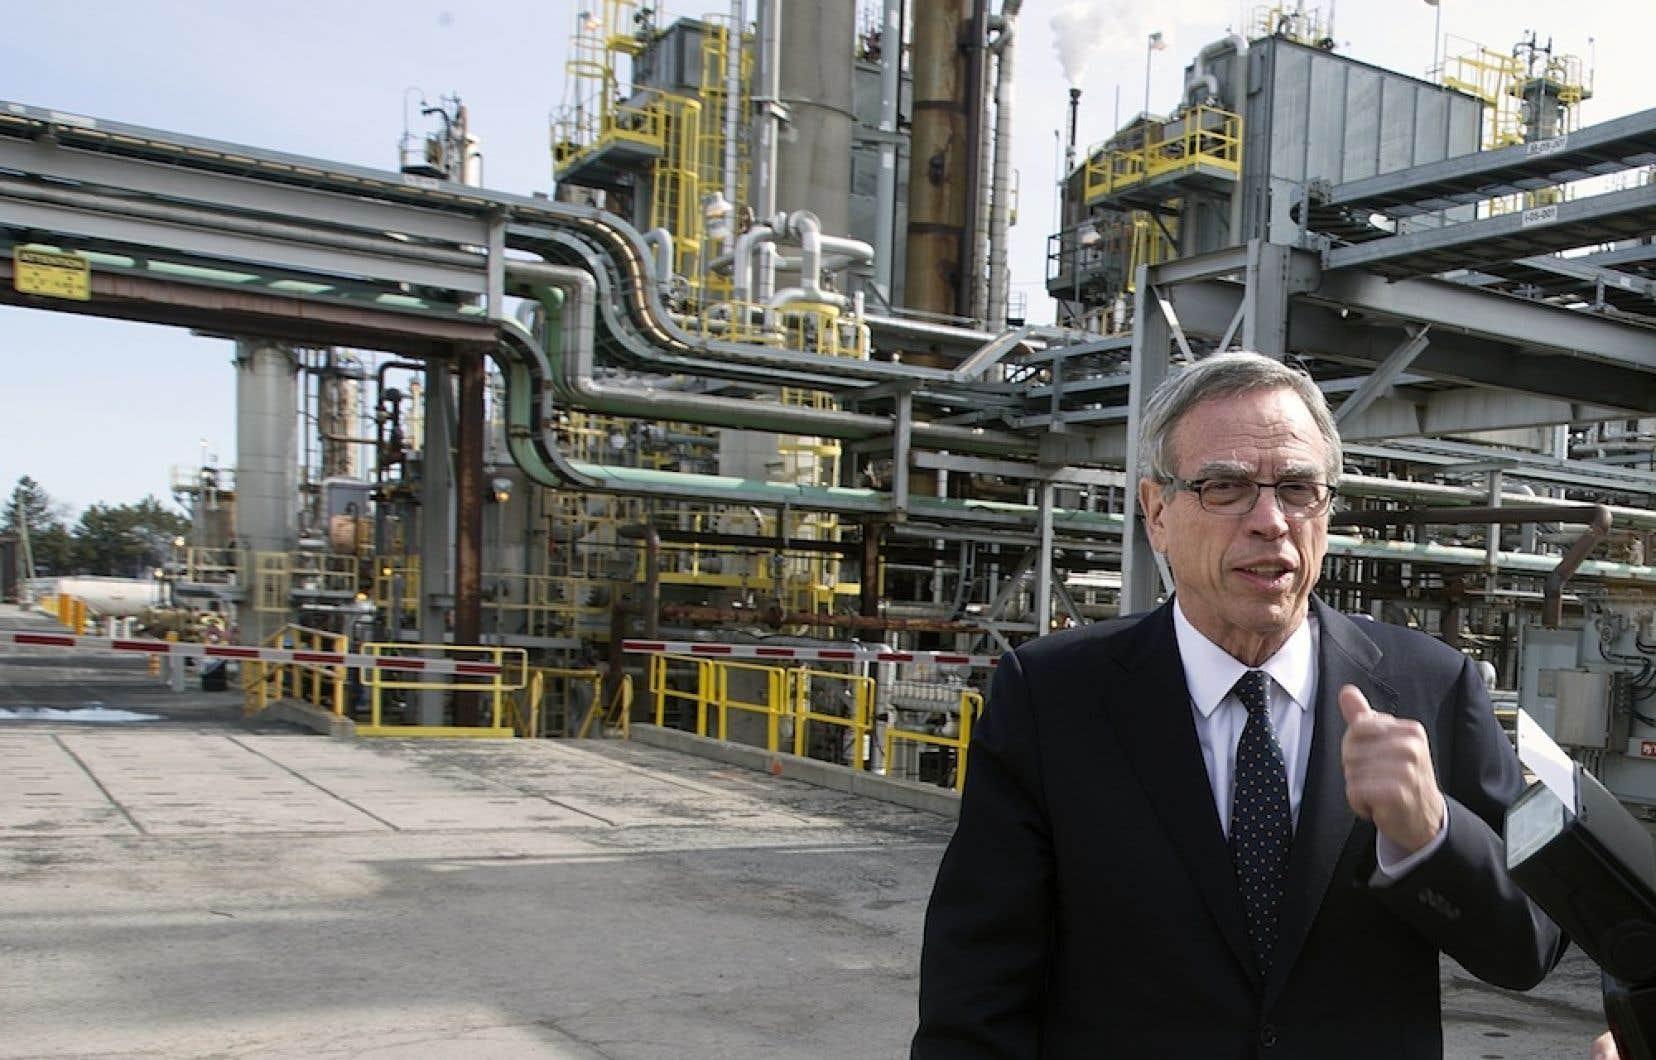 Le ministre des Ressources naturelles Joe Oliver semble vouloir réduire le sentiment d'urgence associé à la lutte aux changements climatiques.